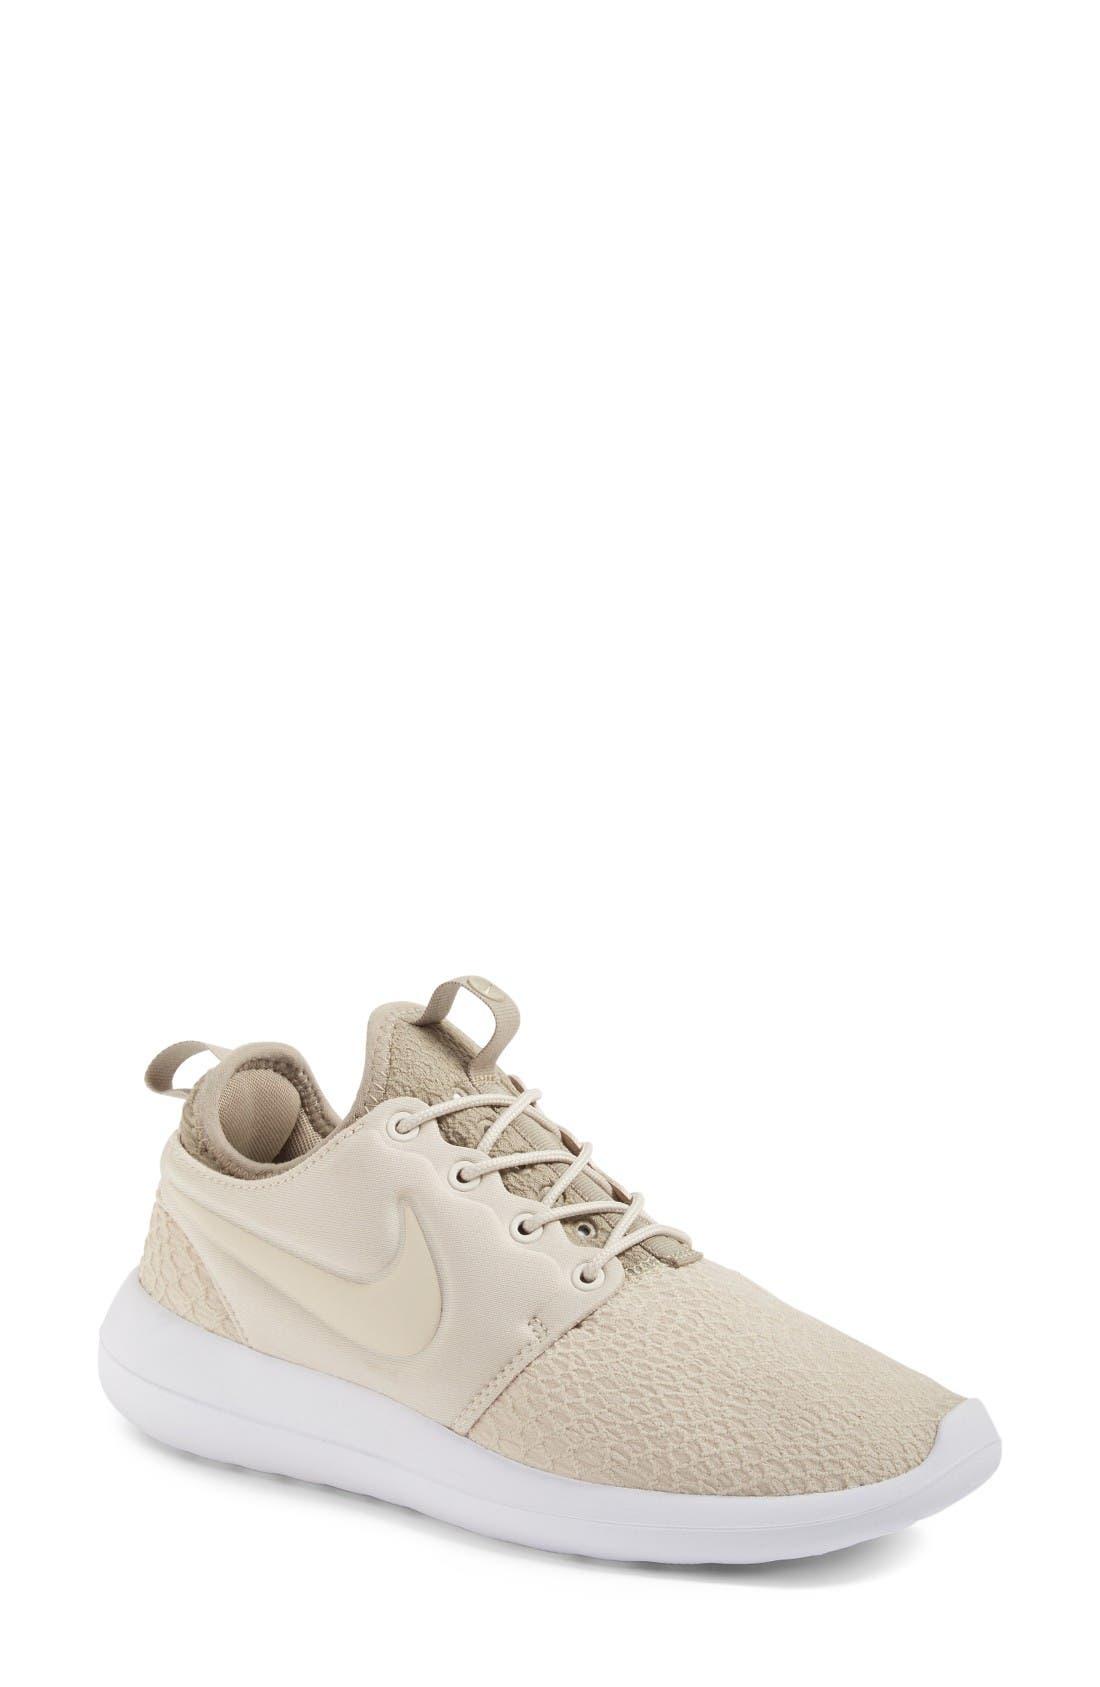 Alternate Image 1 Selected - Nike Roshe Two SE Sneaker (Women)